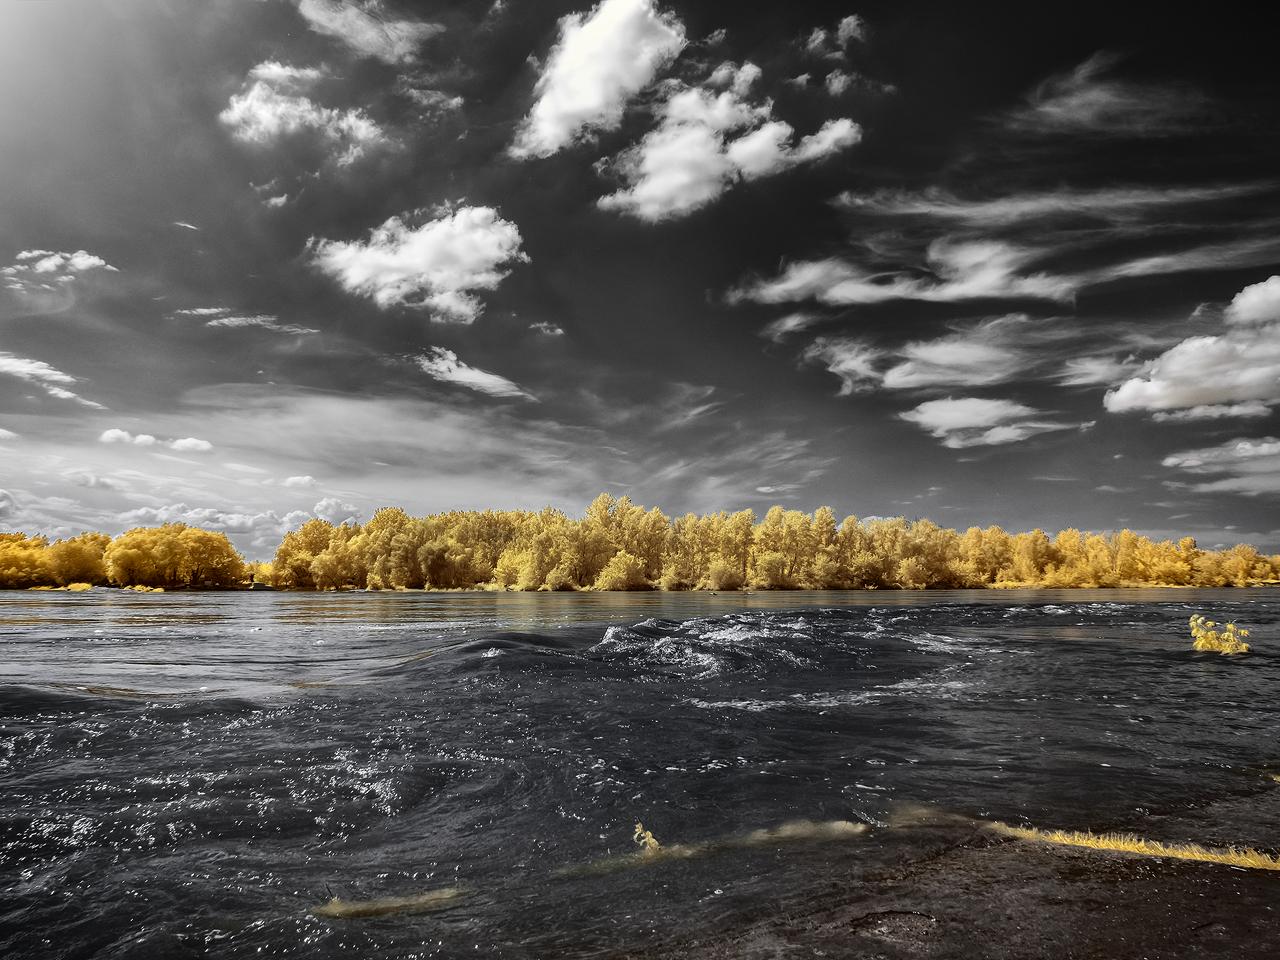 Kliknij obrazek, aby uzyskać większą wersję  Nazwa:Krajobraz_05_L11.jpg Wyświetleń:288 Rozmiar:776,9 KB ID:226572